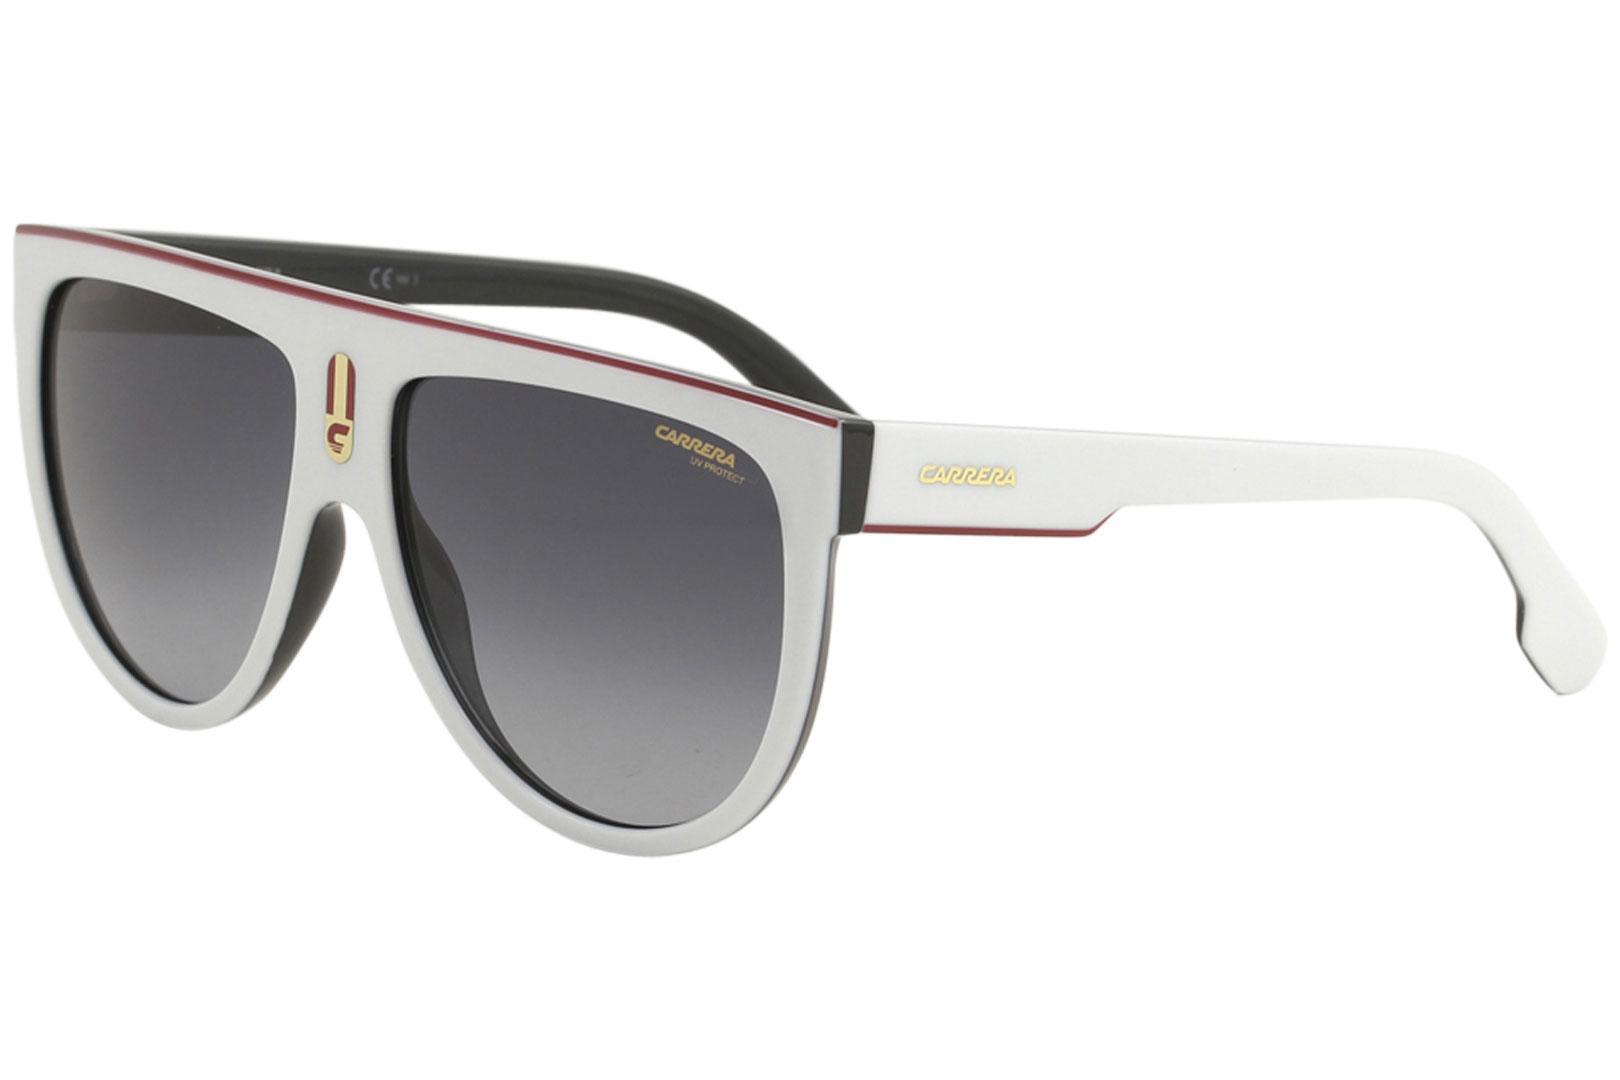 367969bade Carrera Men s Flagtop Fashion Square Sunglasses by Carrera. 12345